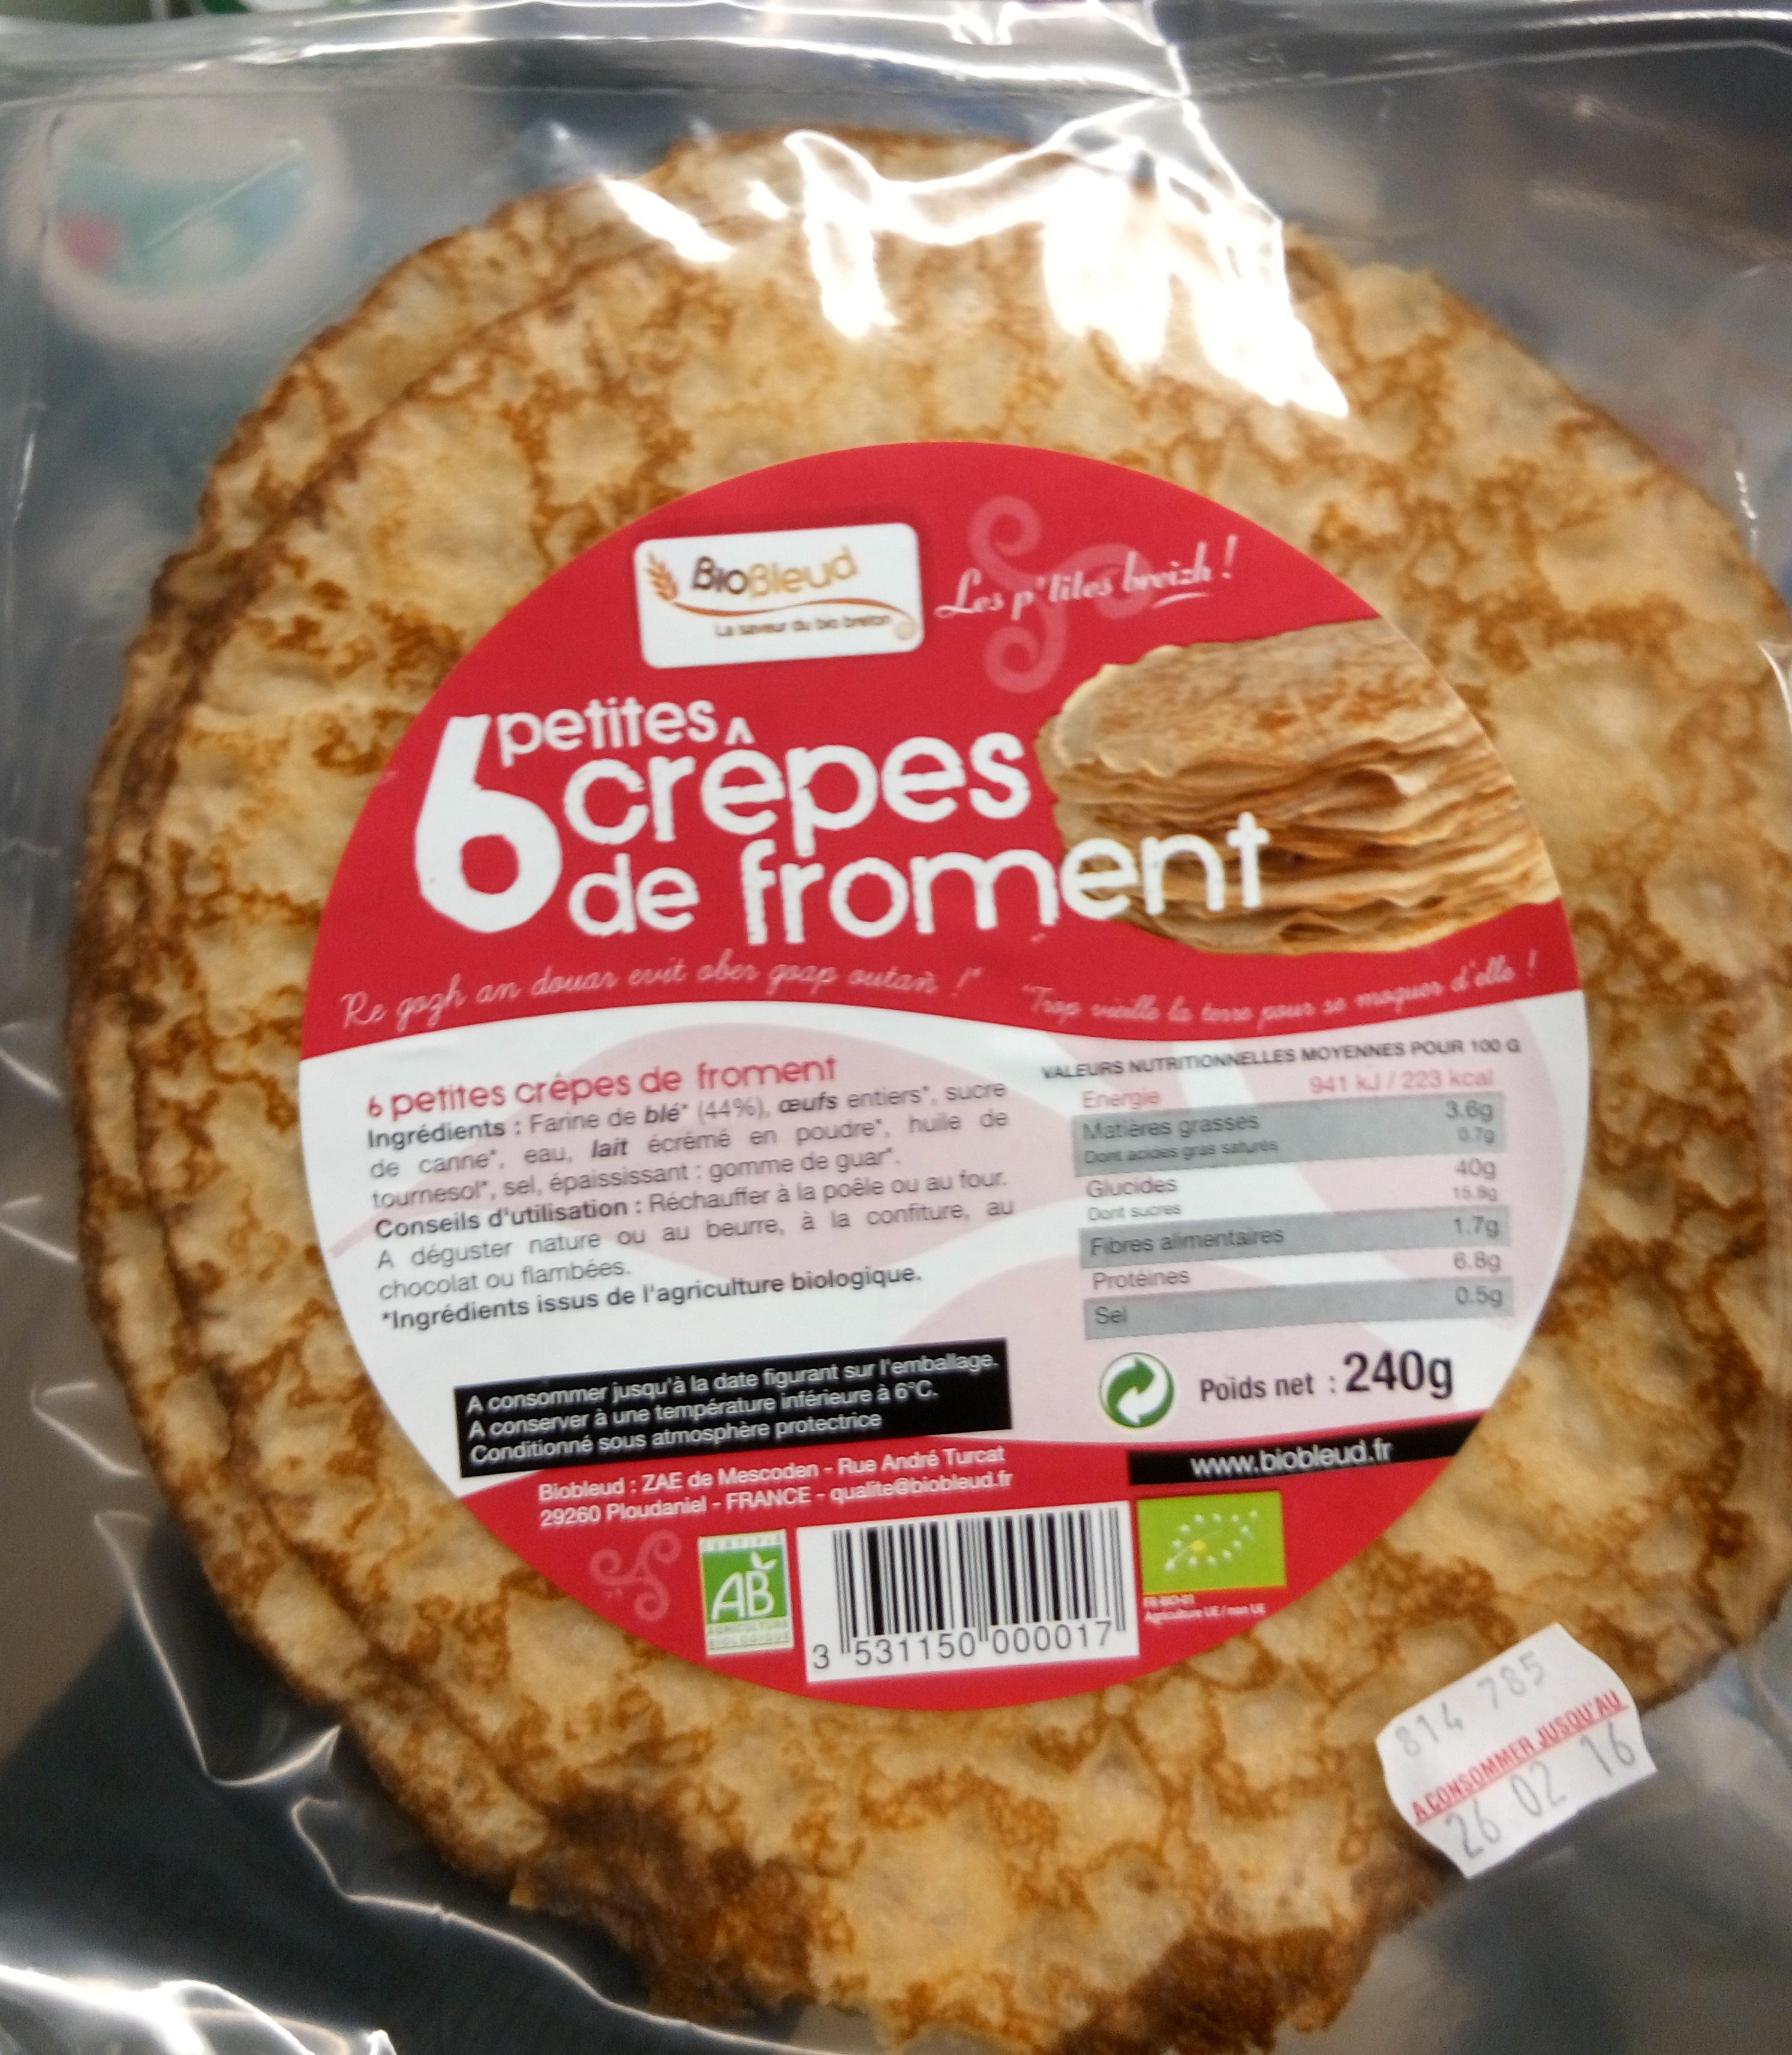 6 petites crêpes de froment - Produkt